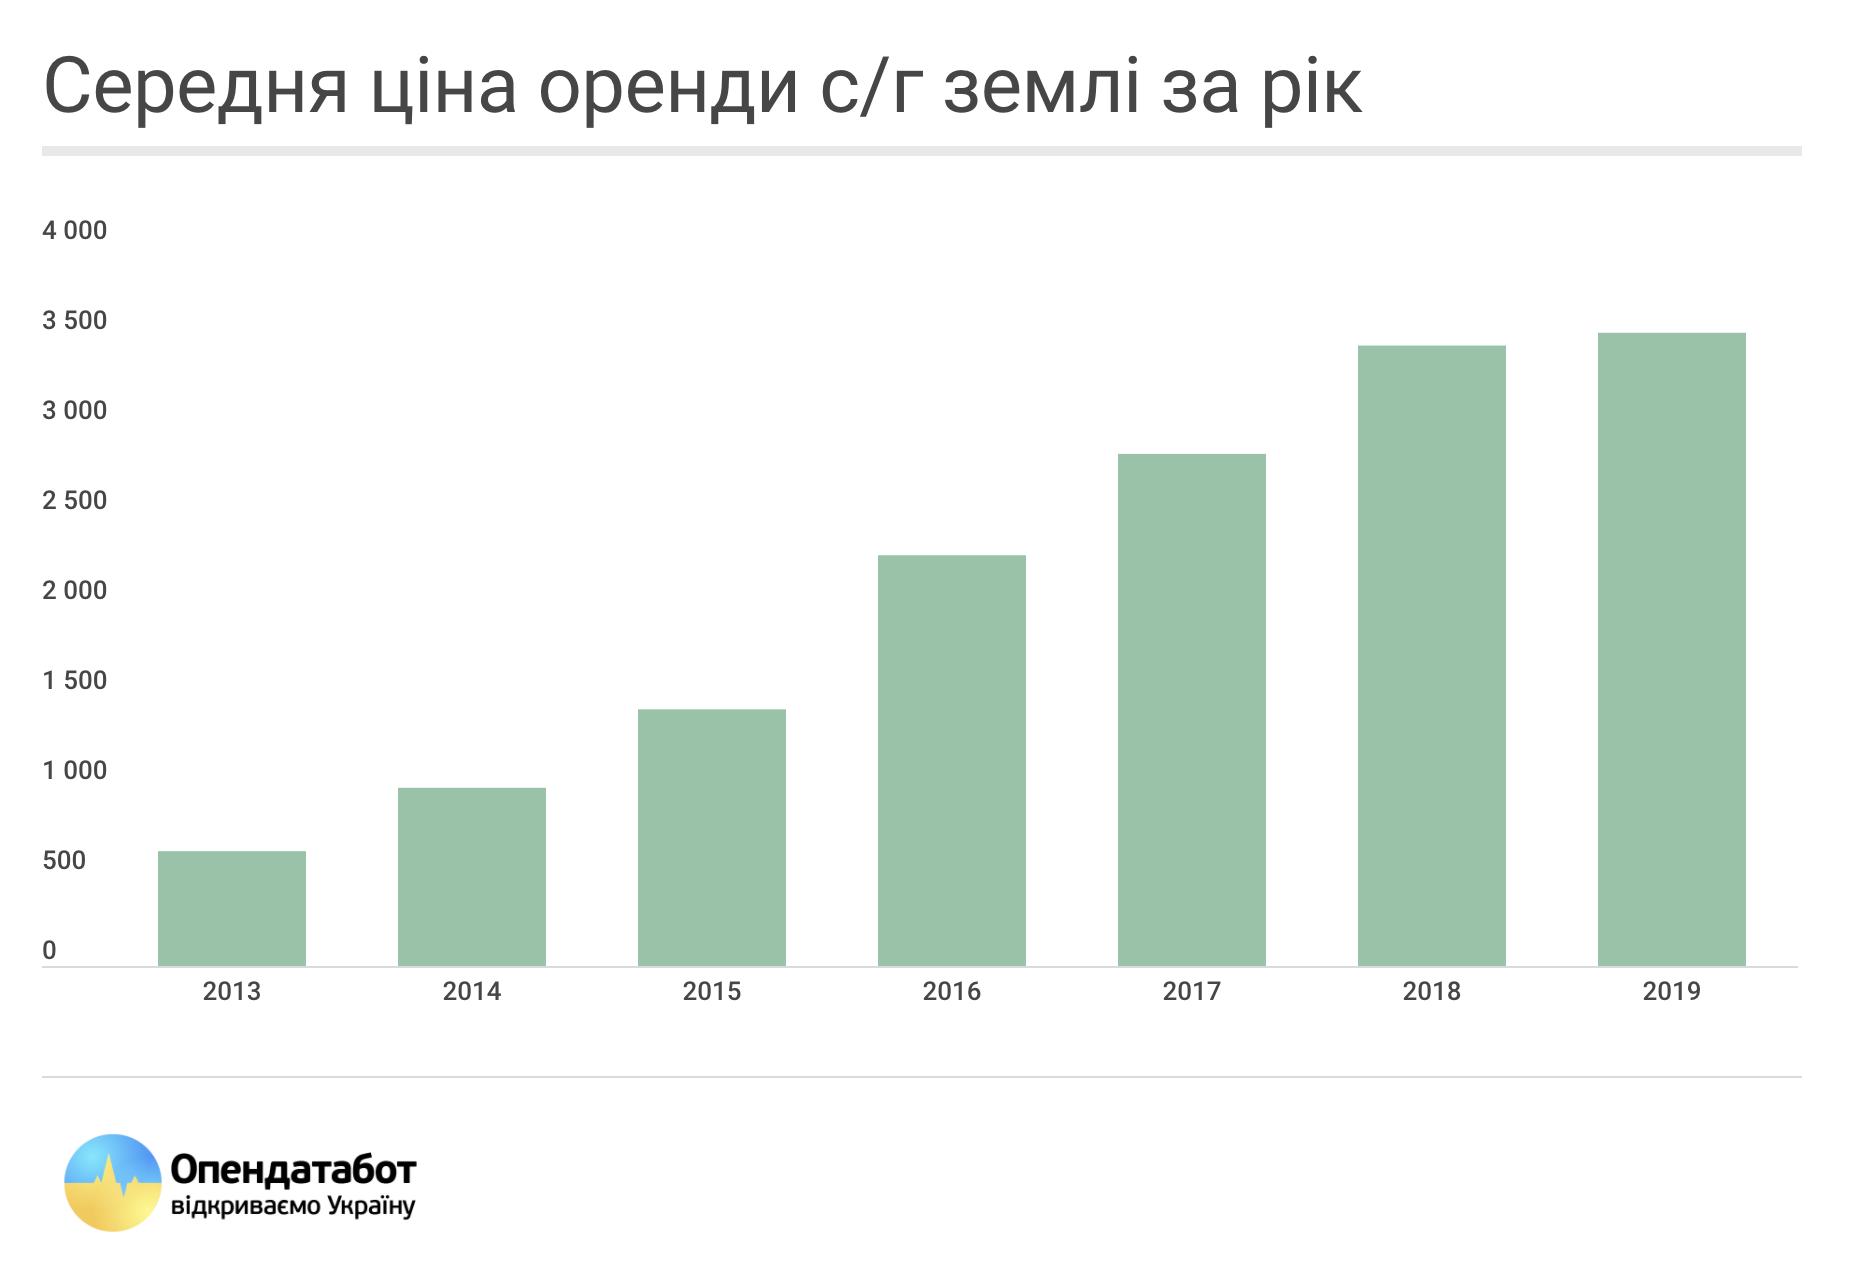 В Украине замерли цены на аренду земли, но это ненадолго – эксперты